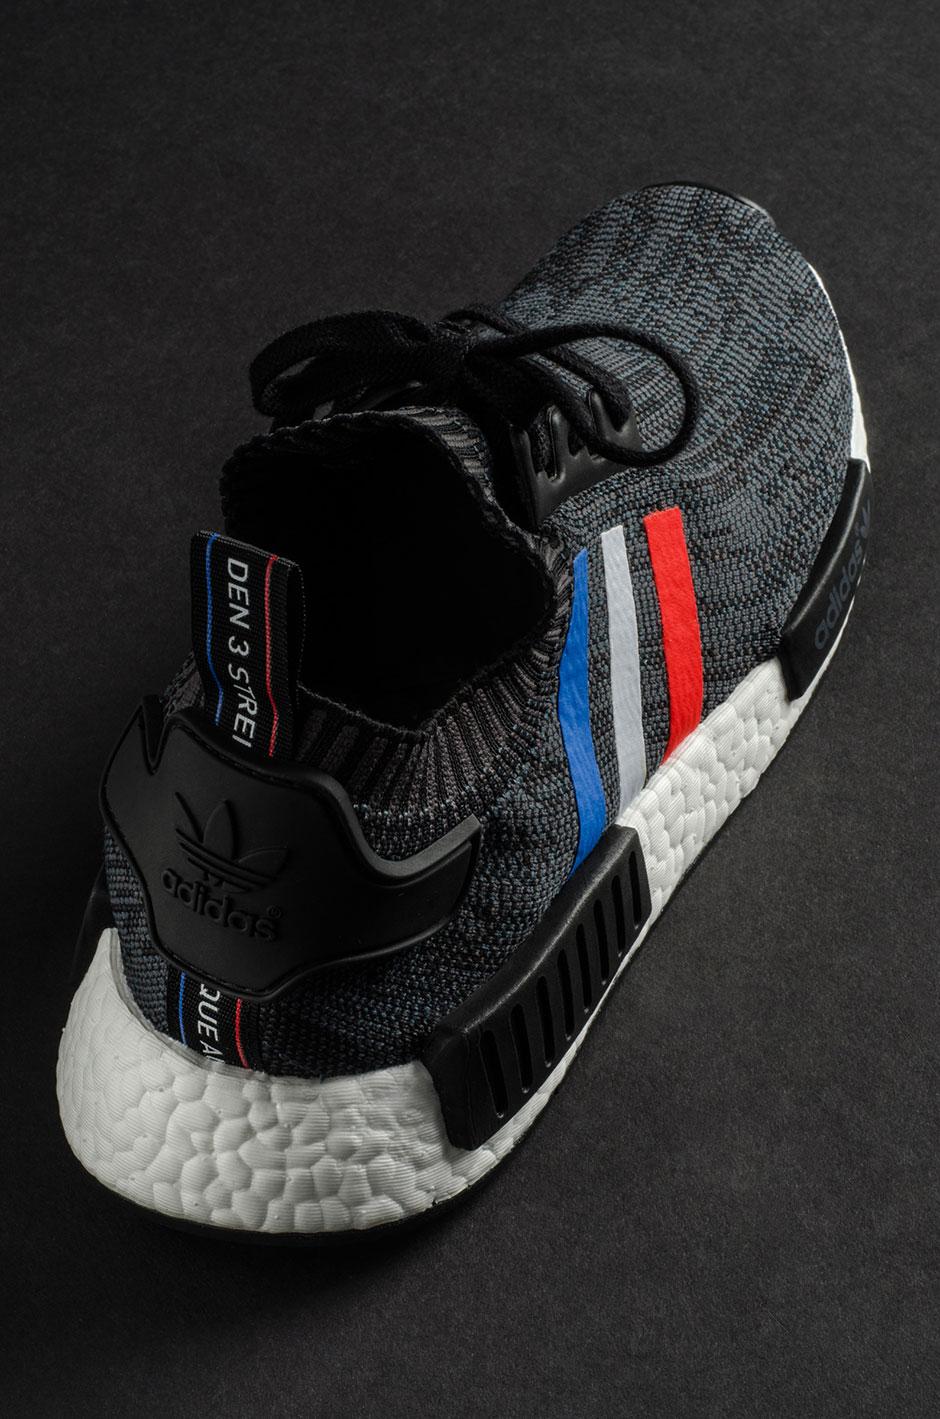 adidas nmd r1 primeknit black grey adidas yeezy 350 boost v2 in dark